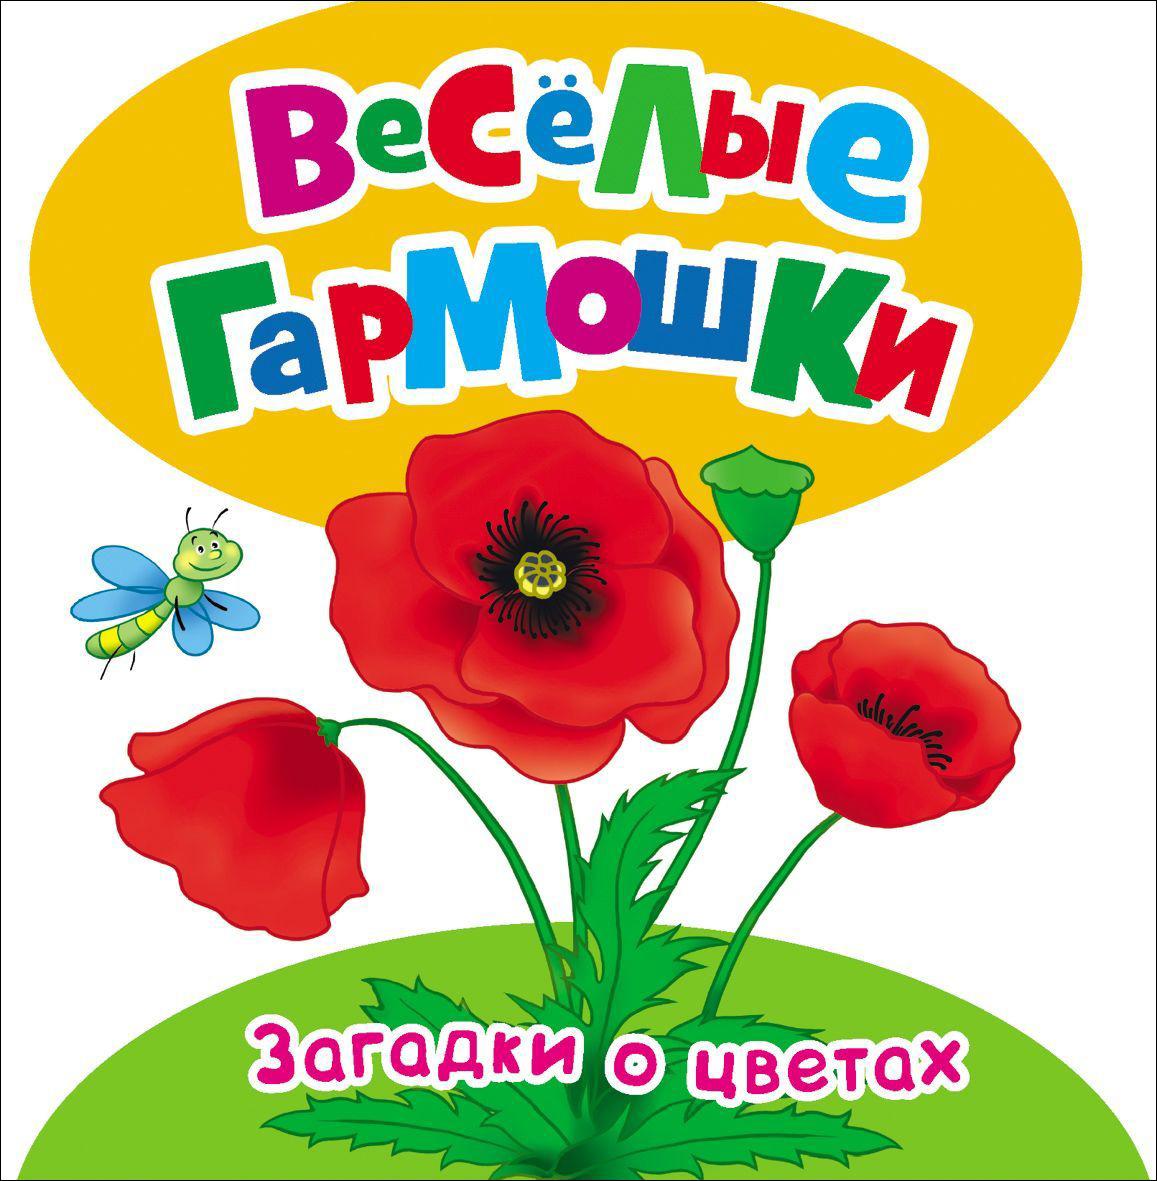 Цветочные загадки росмэн книга для малышей веселые гармошки загадки из джунглей